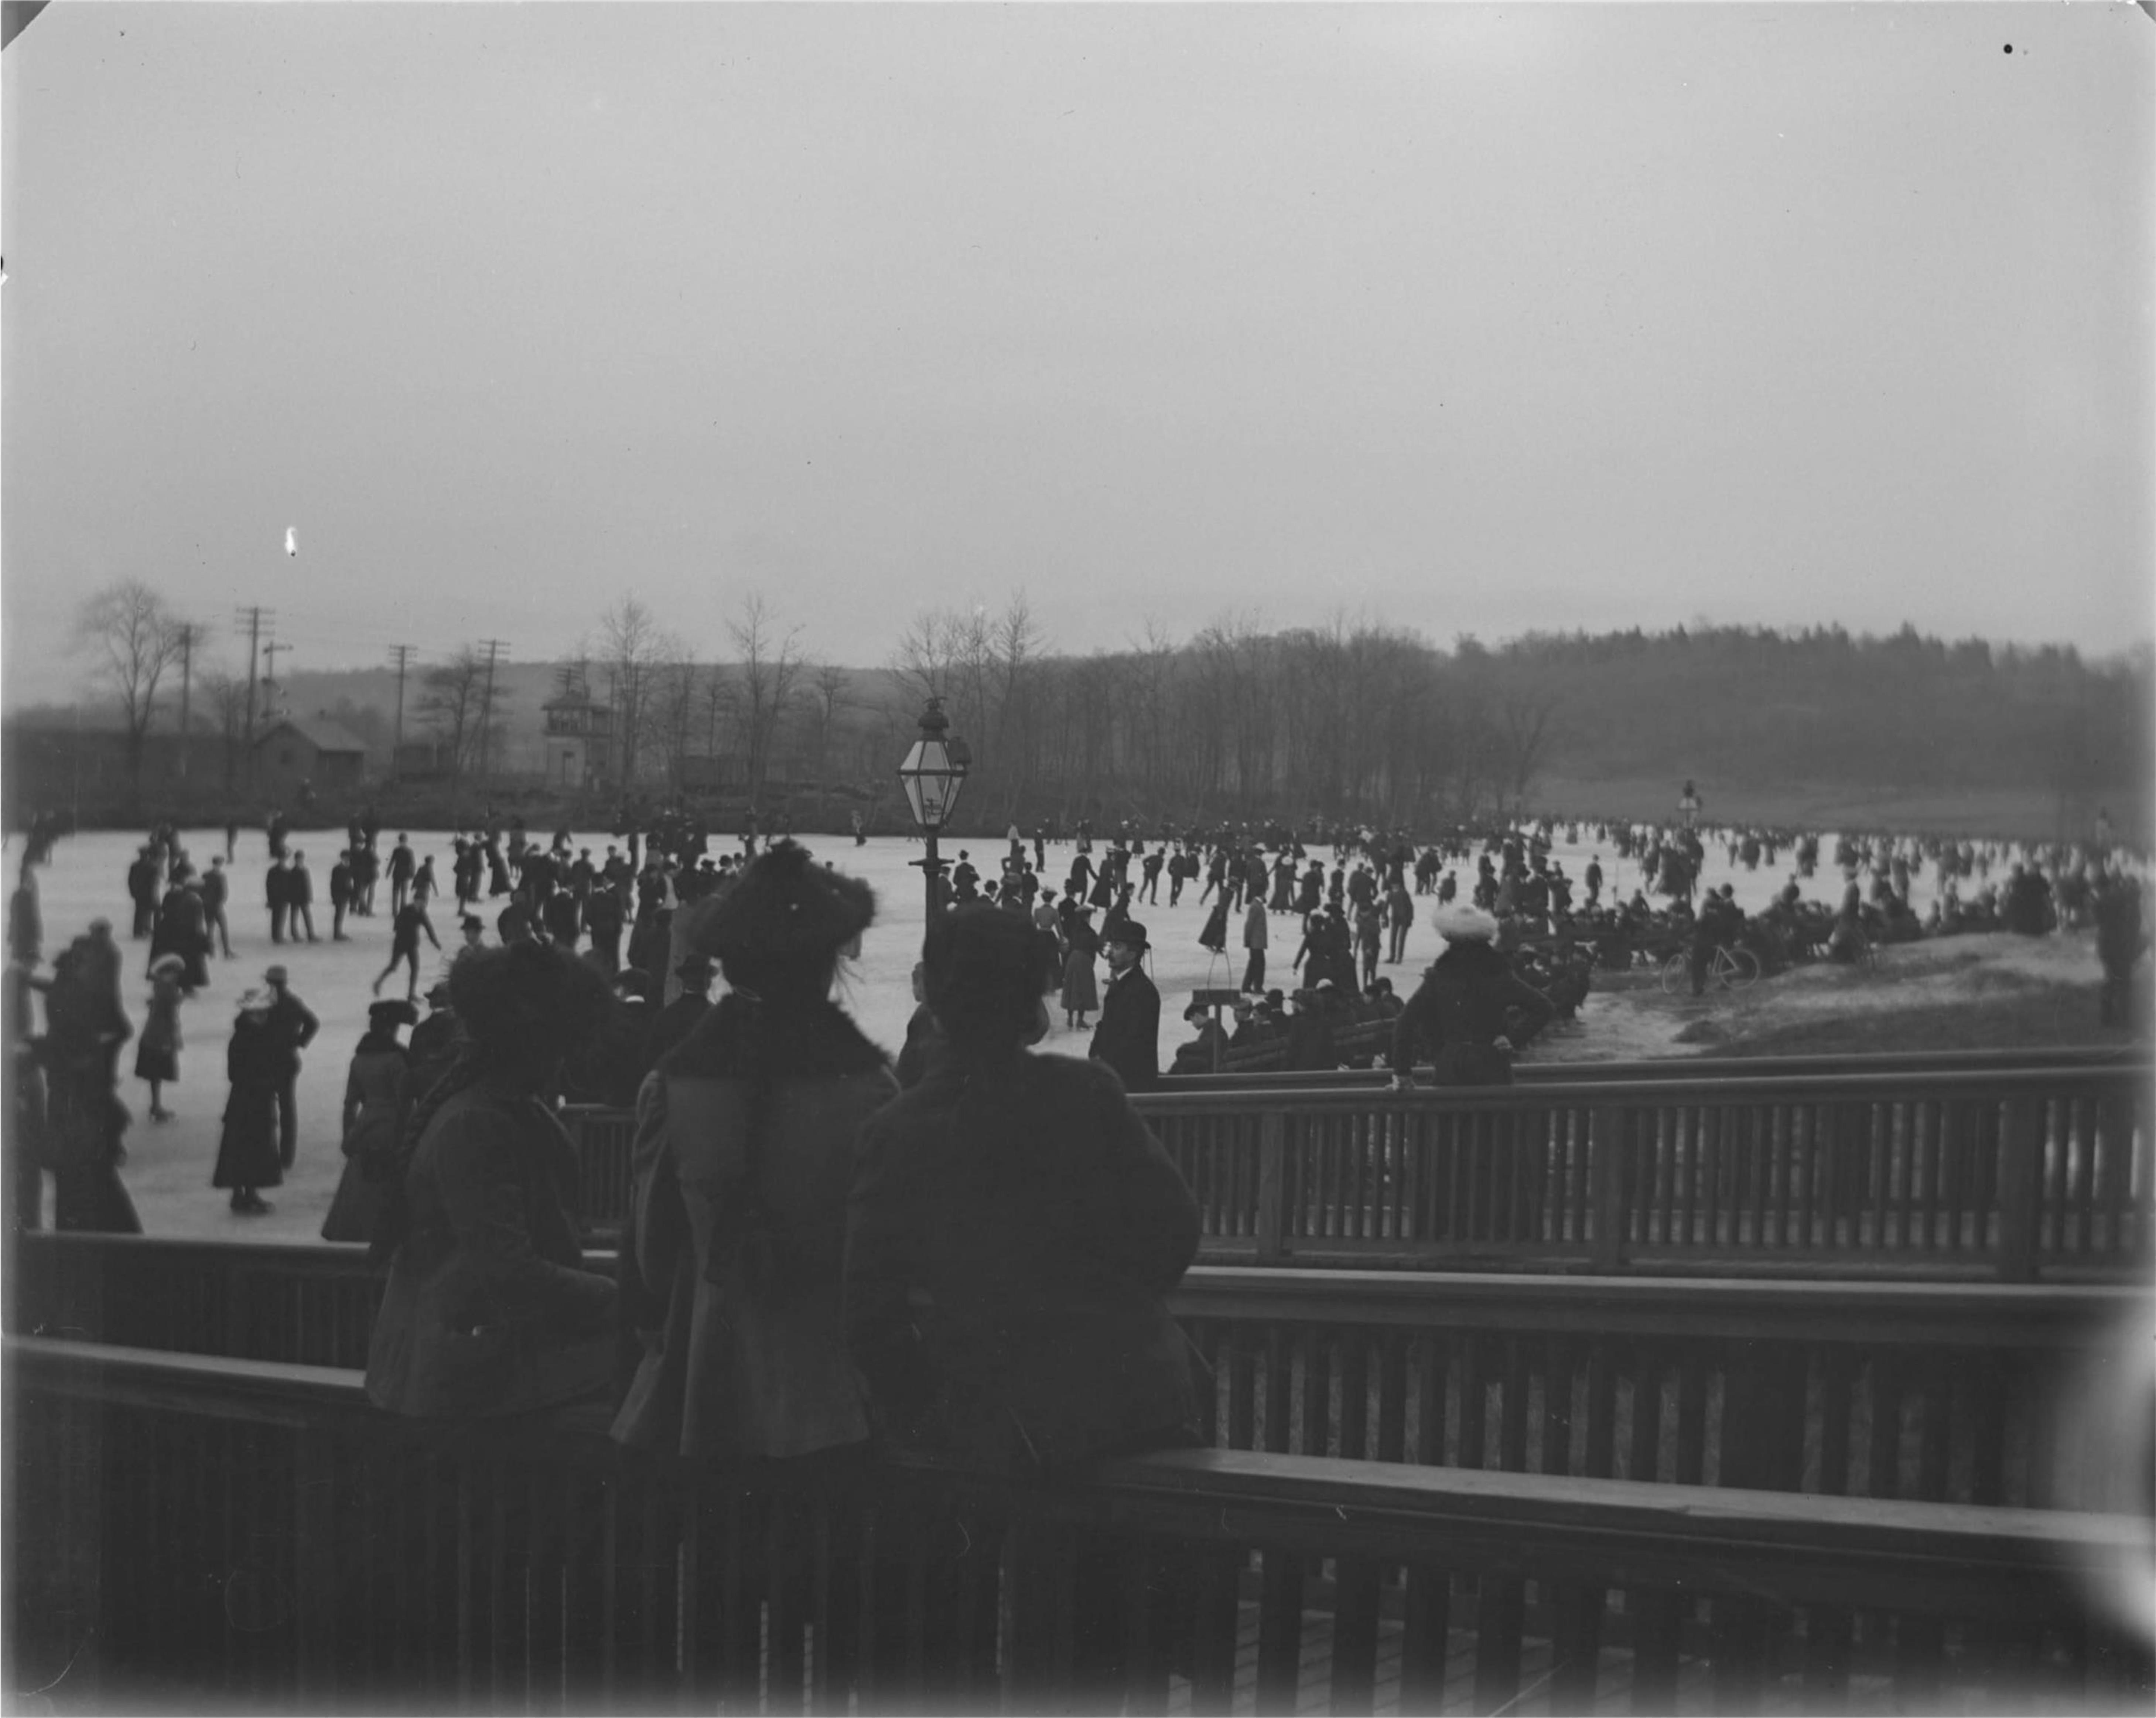 Ice skaters in Van Cortlandt Park, Bronx, N.Y., undated [c. 1900-1905?].